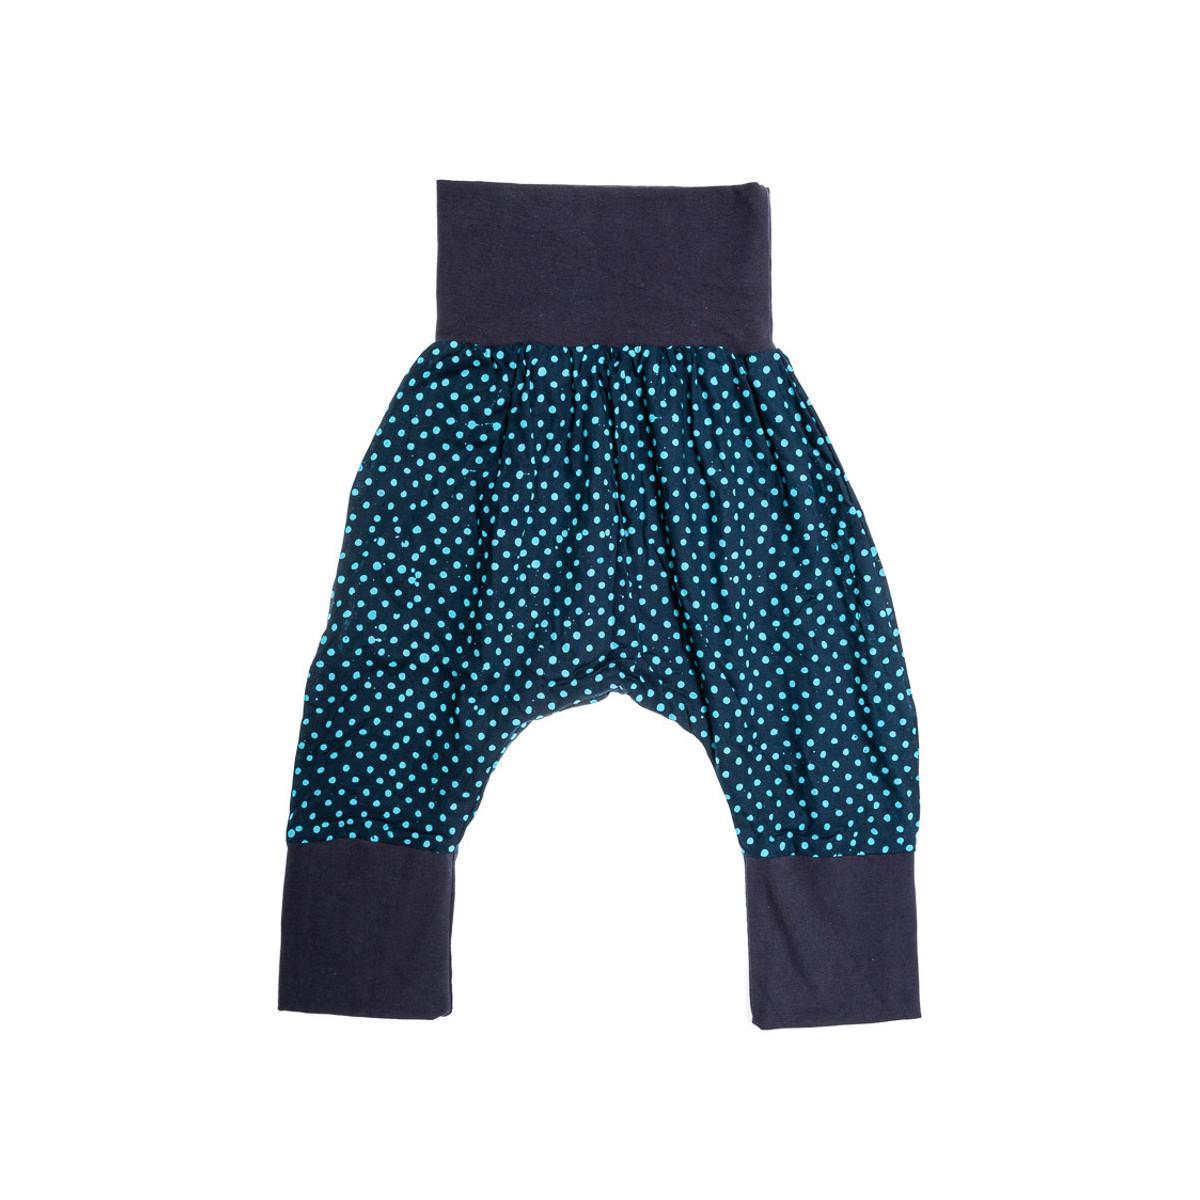 Pantalon sarouel doublé bébé 6-24 mois bleu nuit à pois